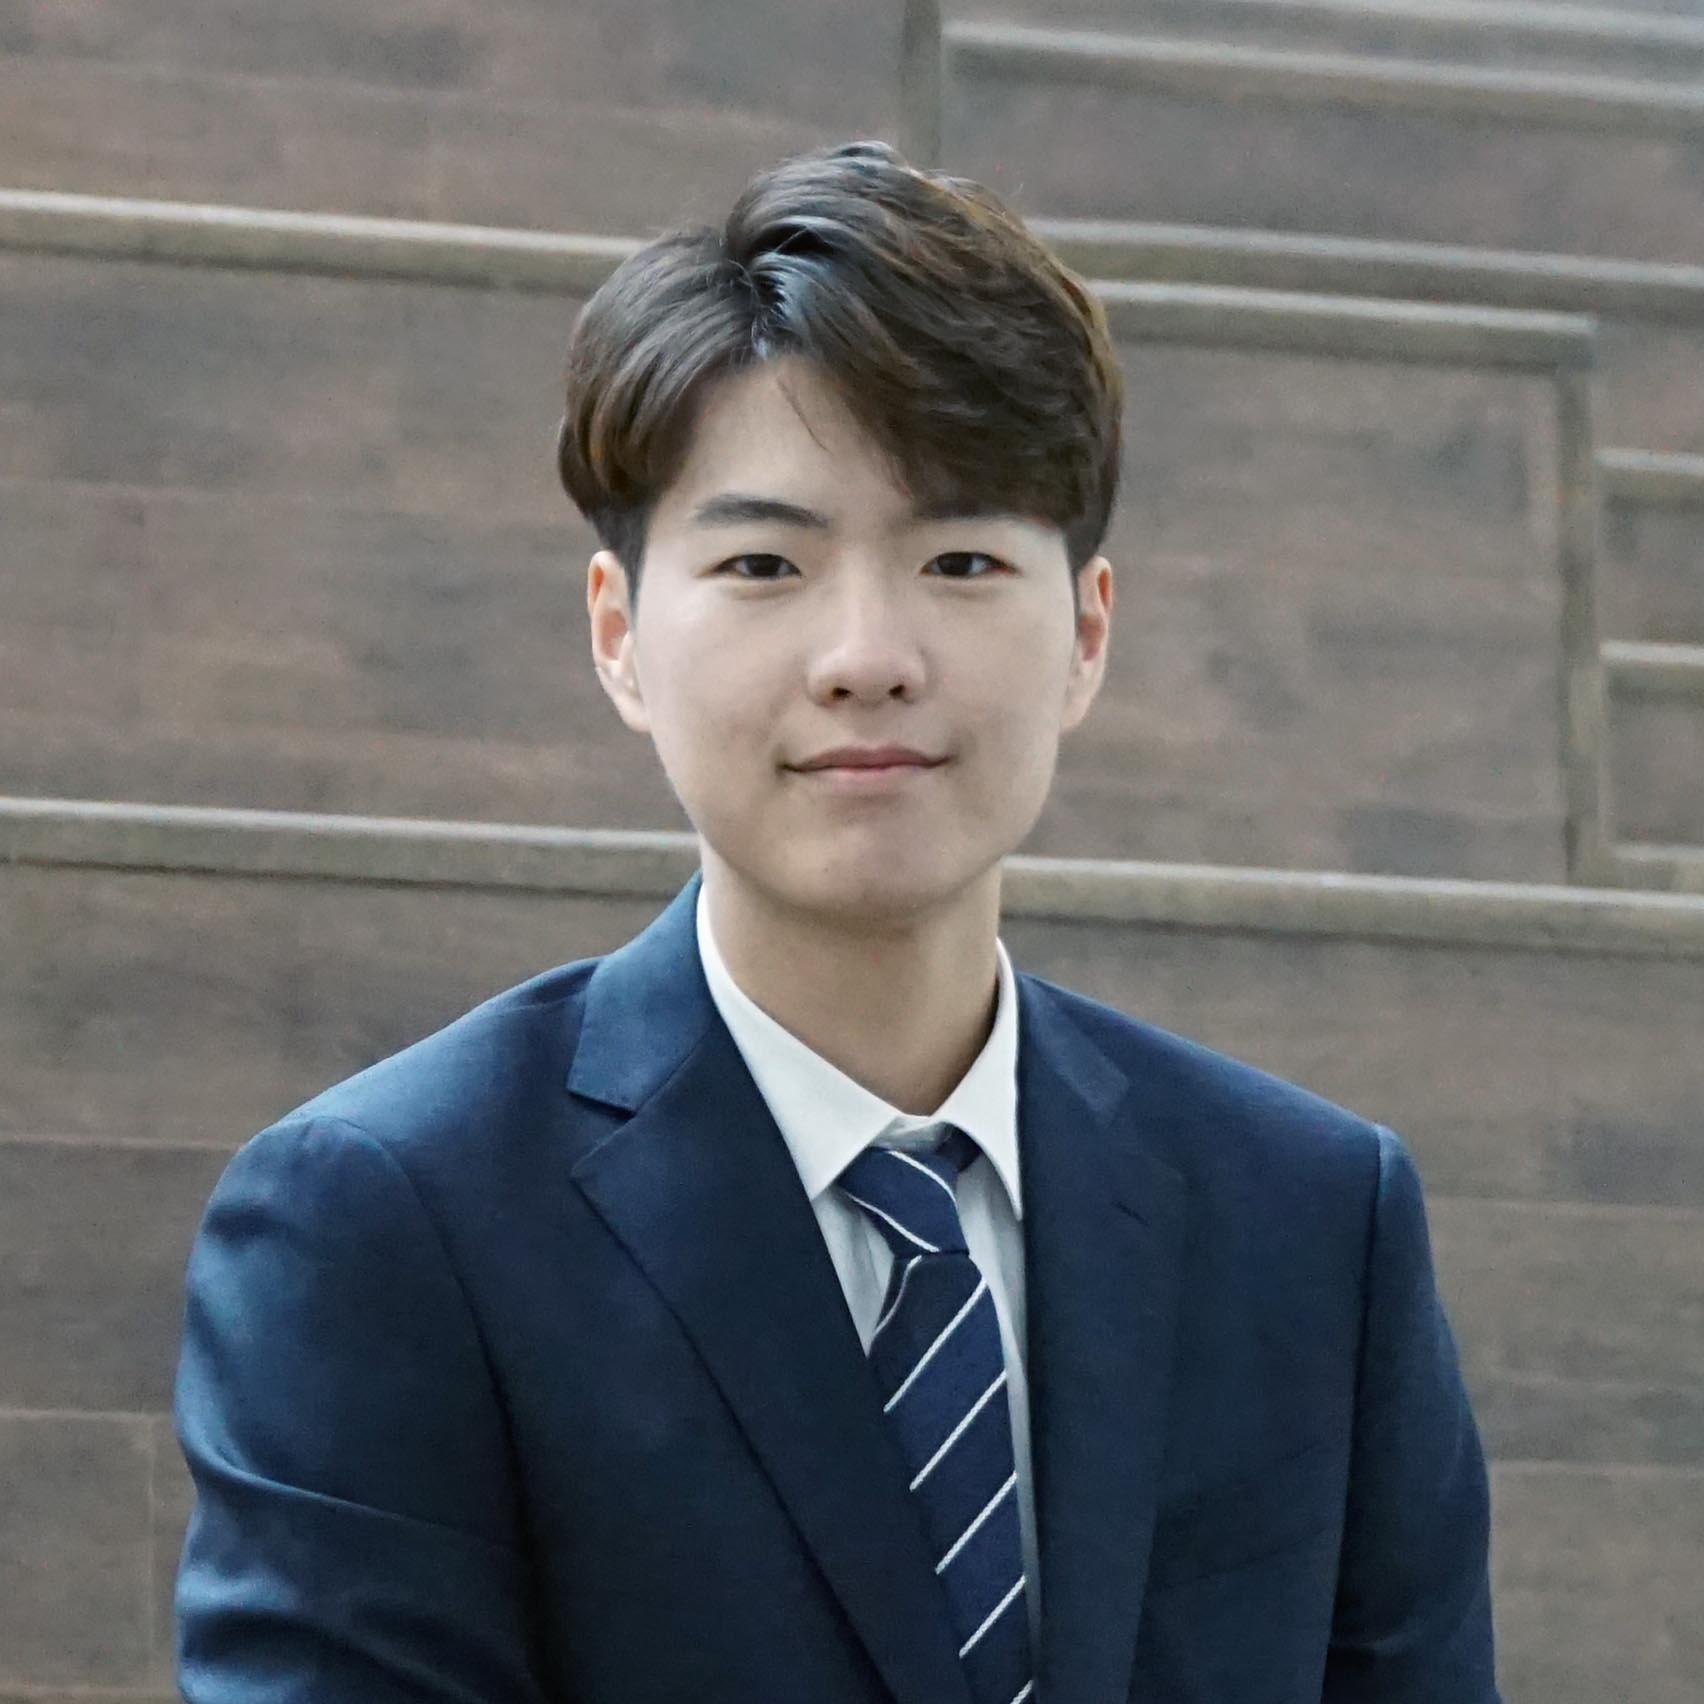 Jun Hyuk Lee